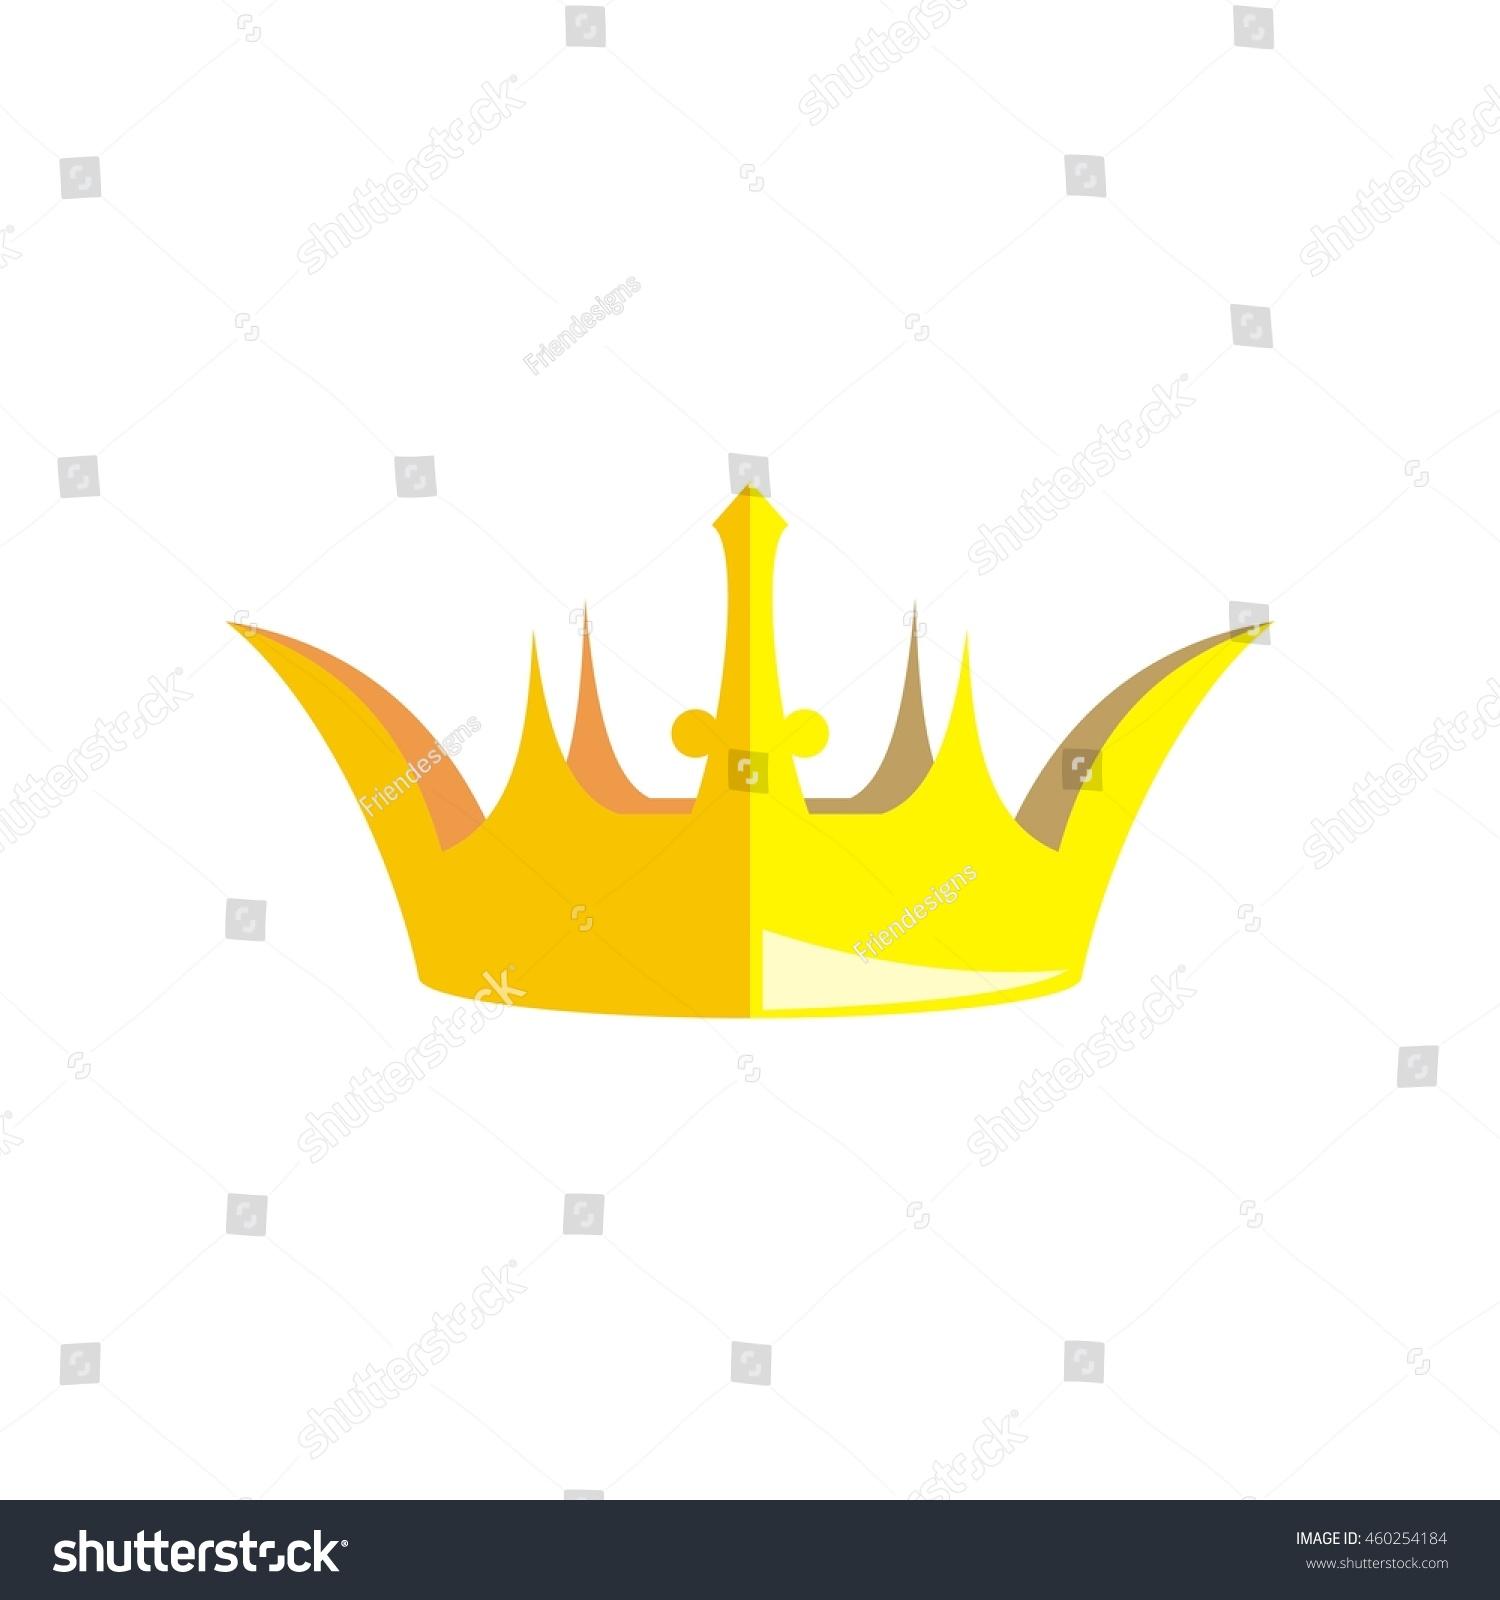 King Crown Free Vector Art  1058 Free Downloads  Vecteezy